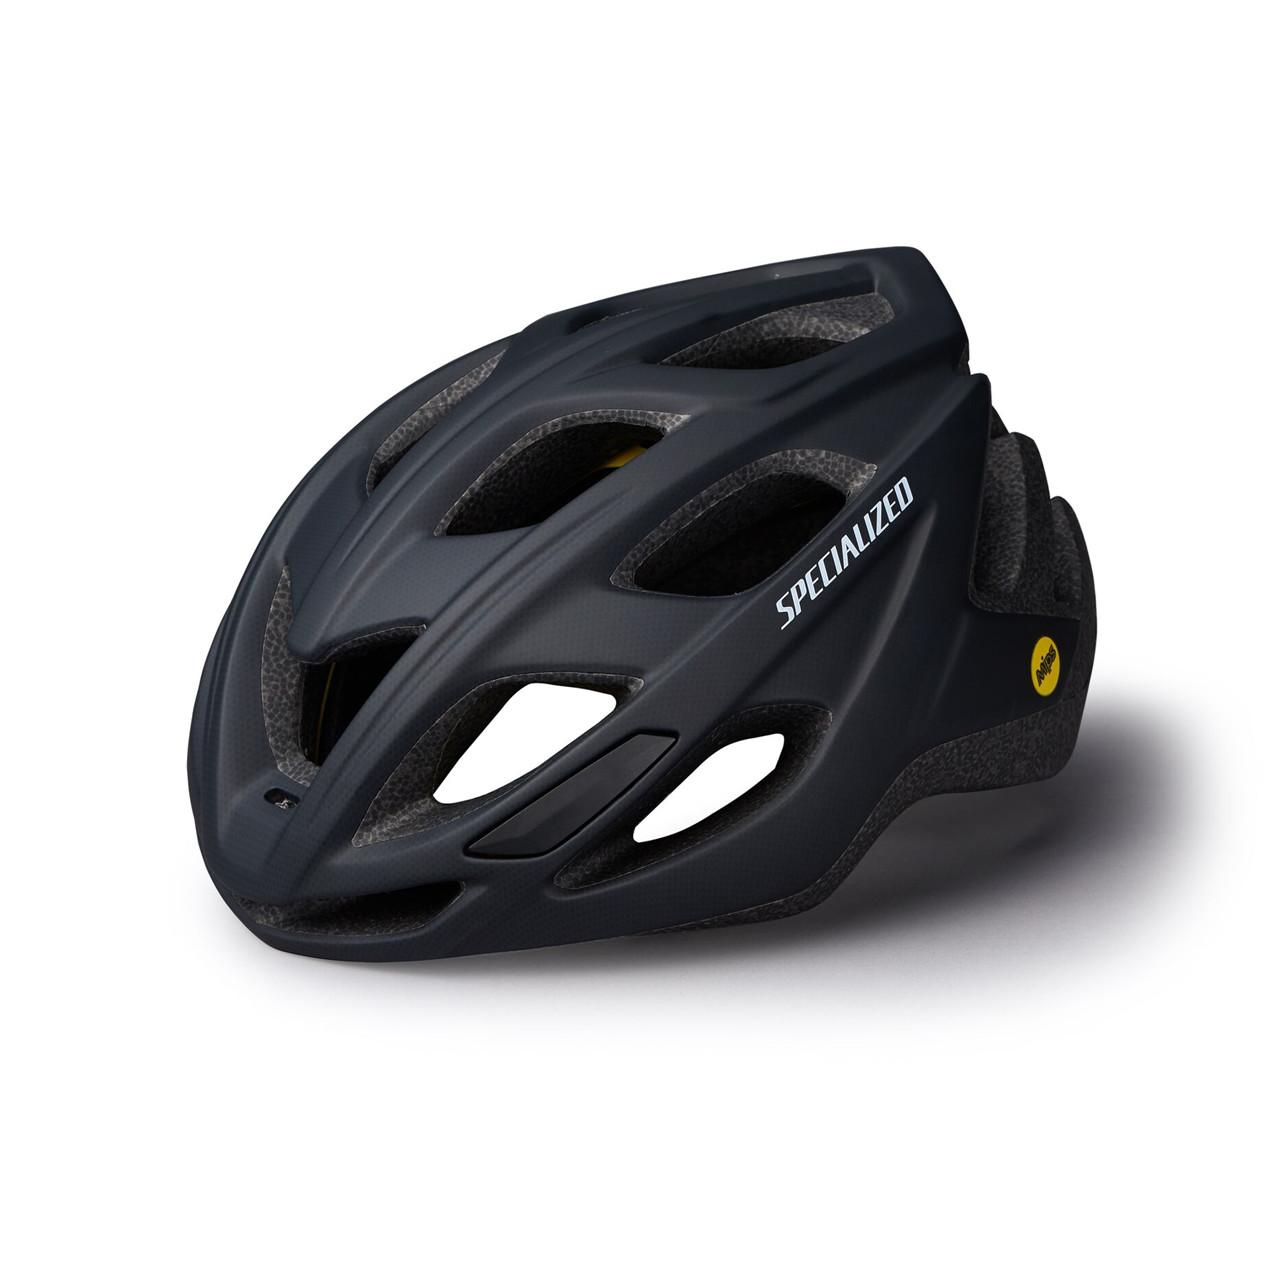 Cykler Specialized Chamonix Angi Mips - Testvinder Nu Endnu Mere Sikker! (Matte Black, M/L 56-60 Cm) Mærker